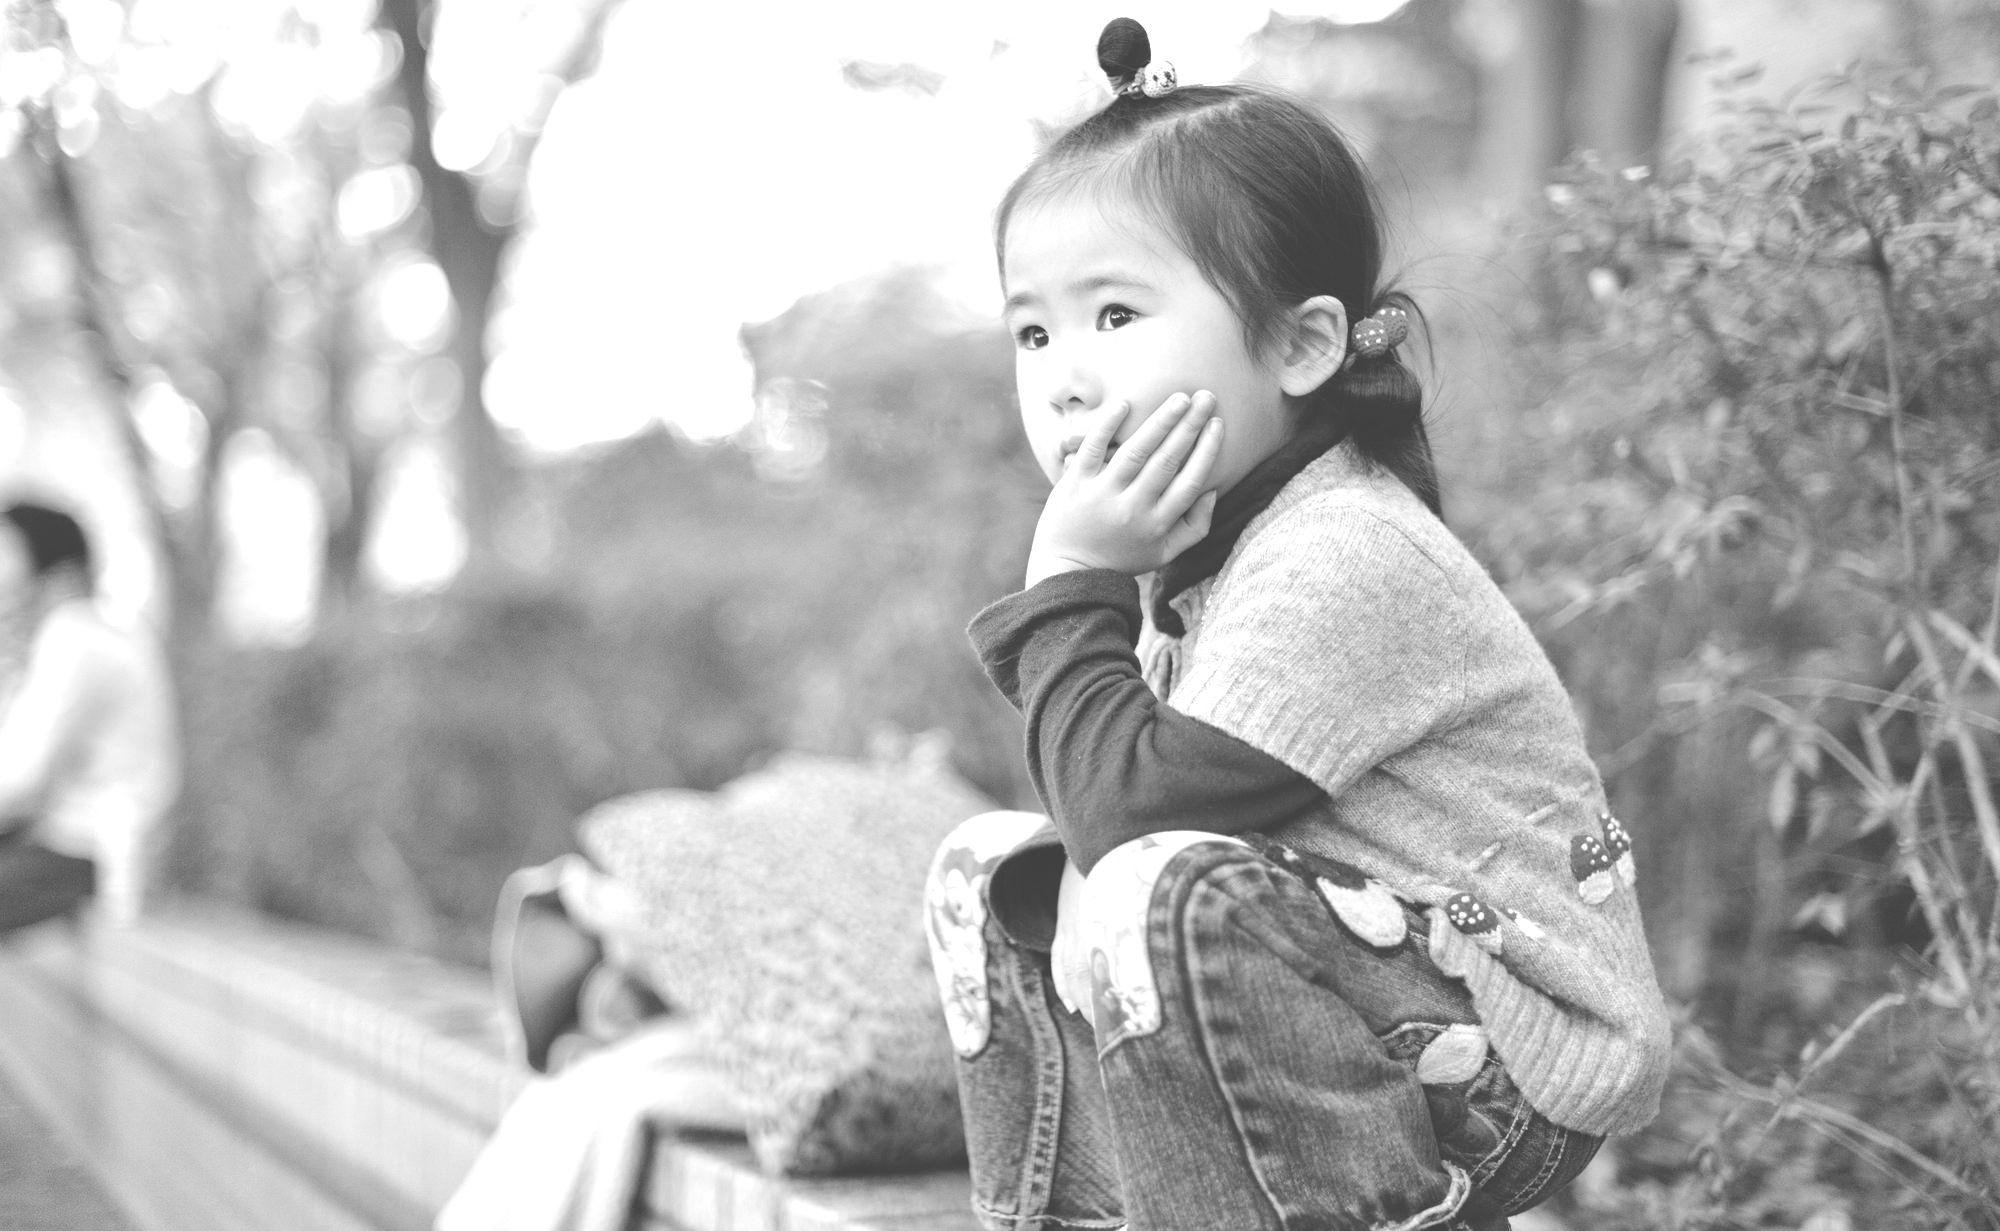 昔の子供 Google 検索 昭和 平成 昭和レトロ 写真